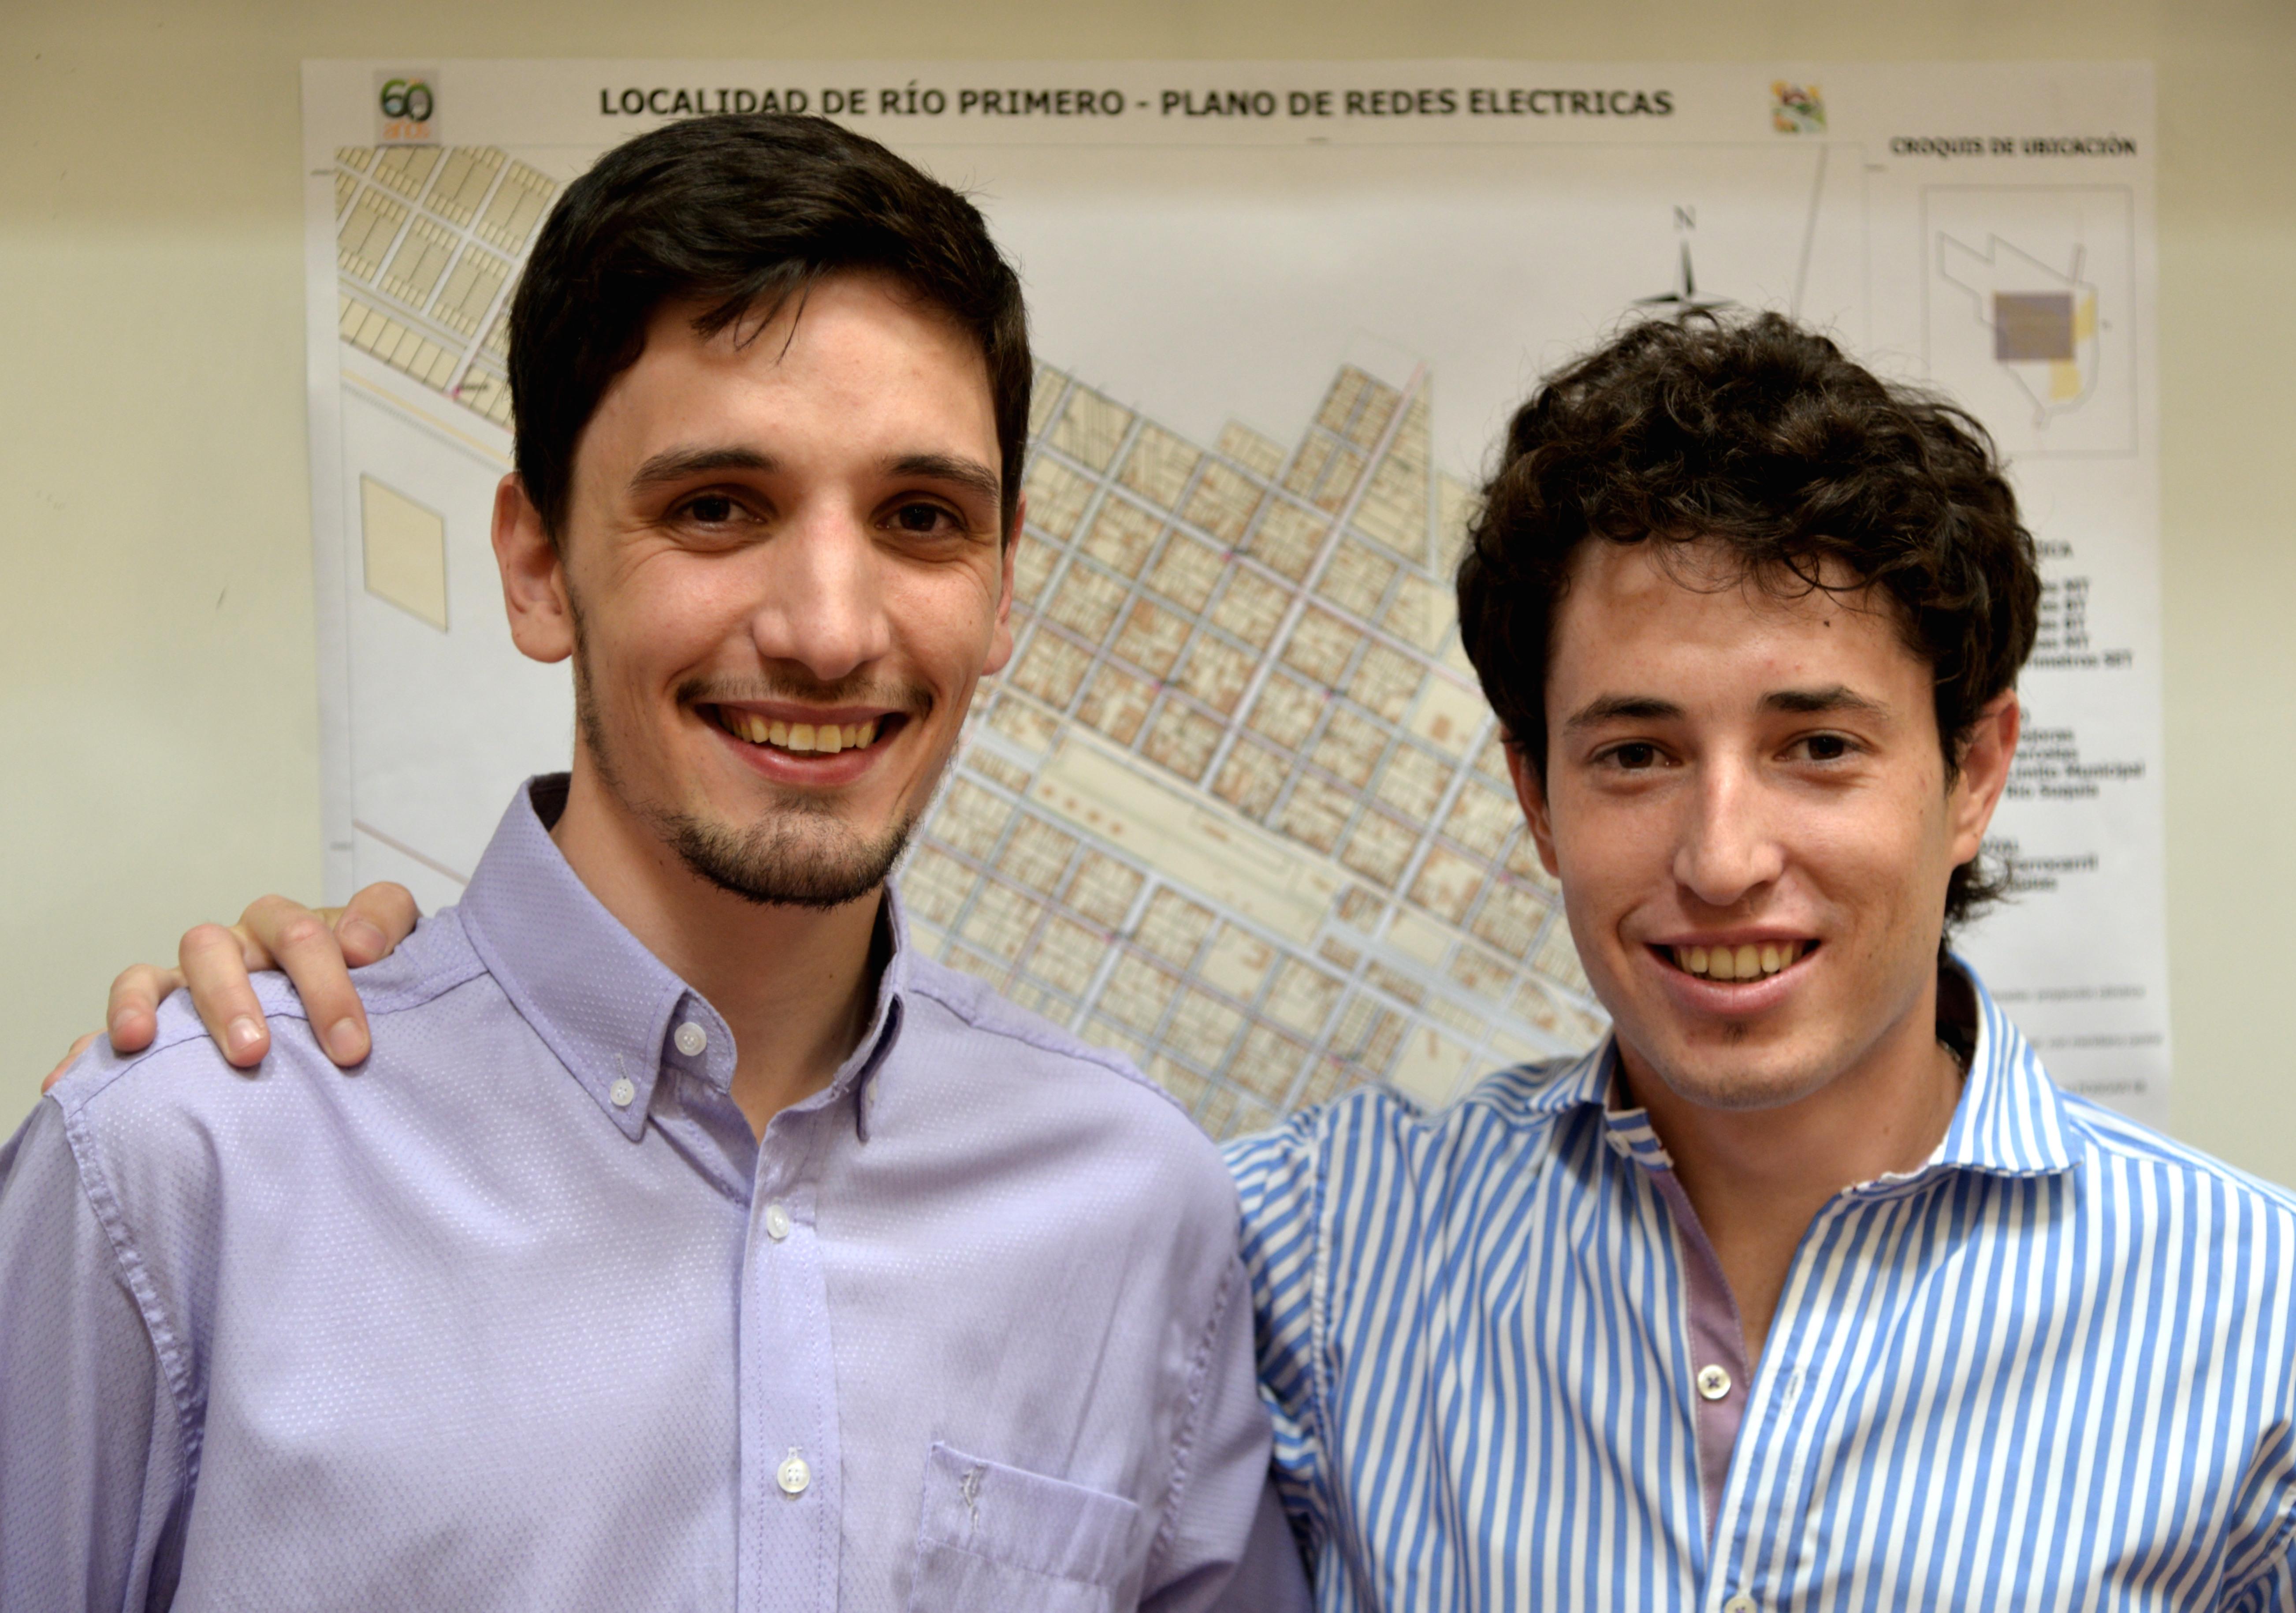 Juan Sasia y Lucas Porporato